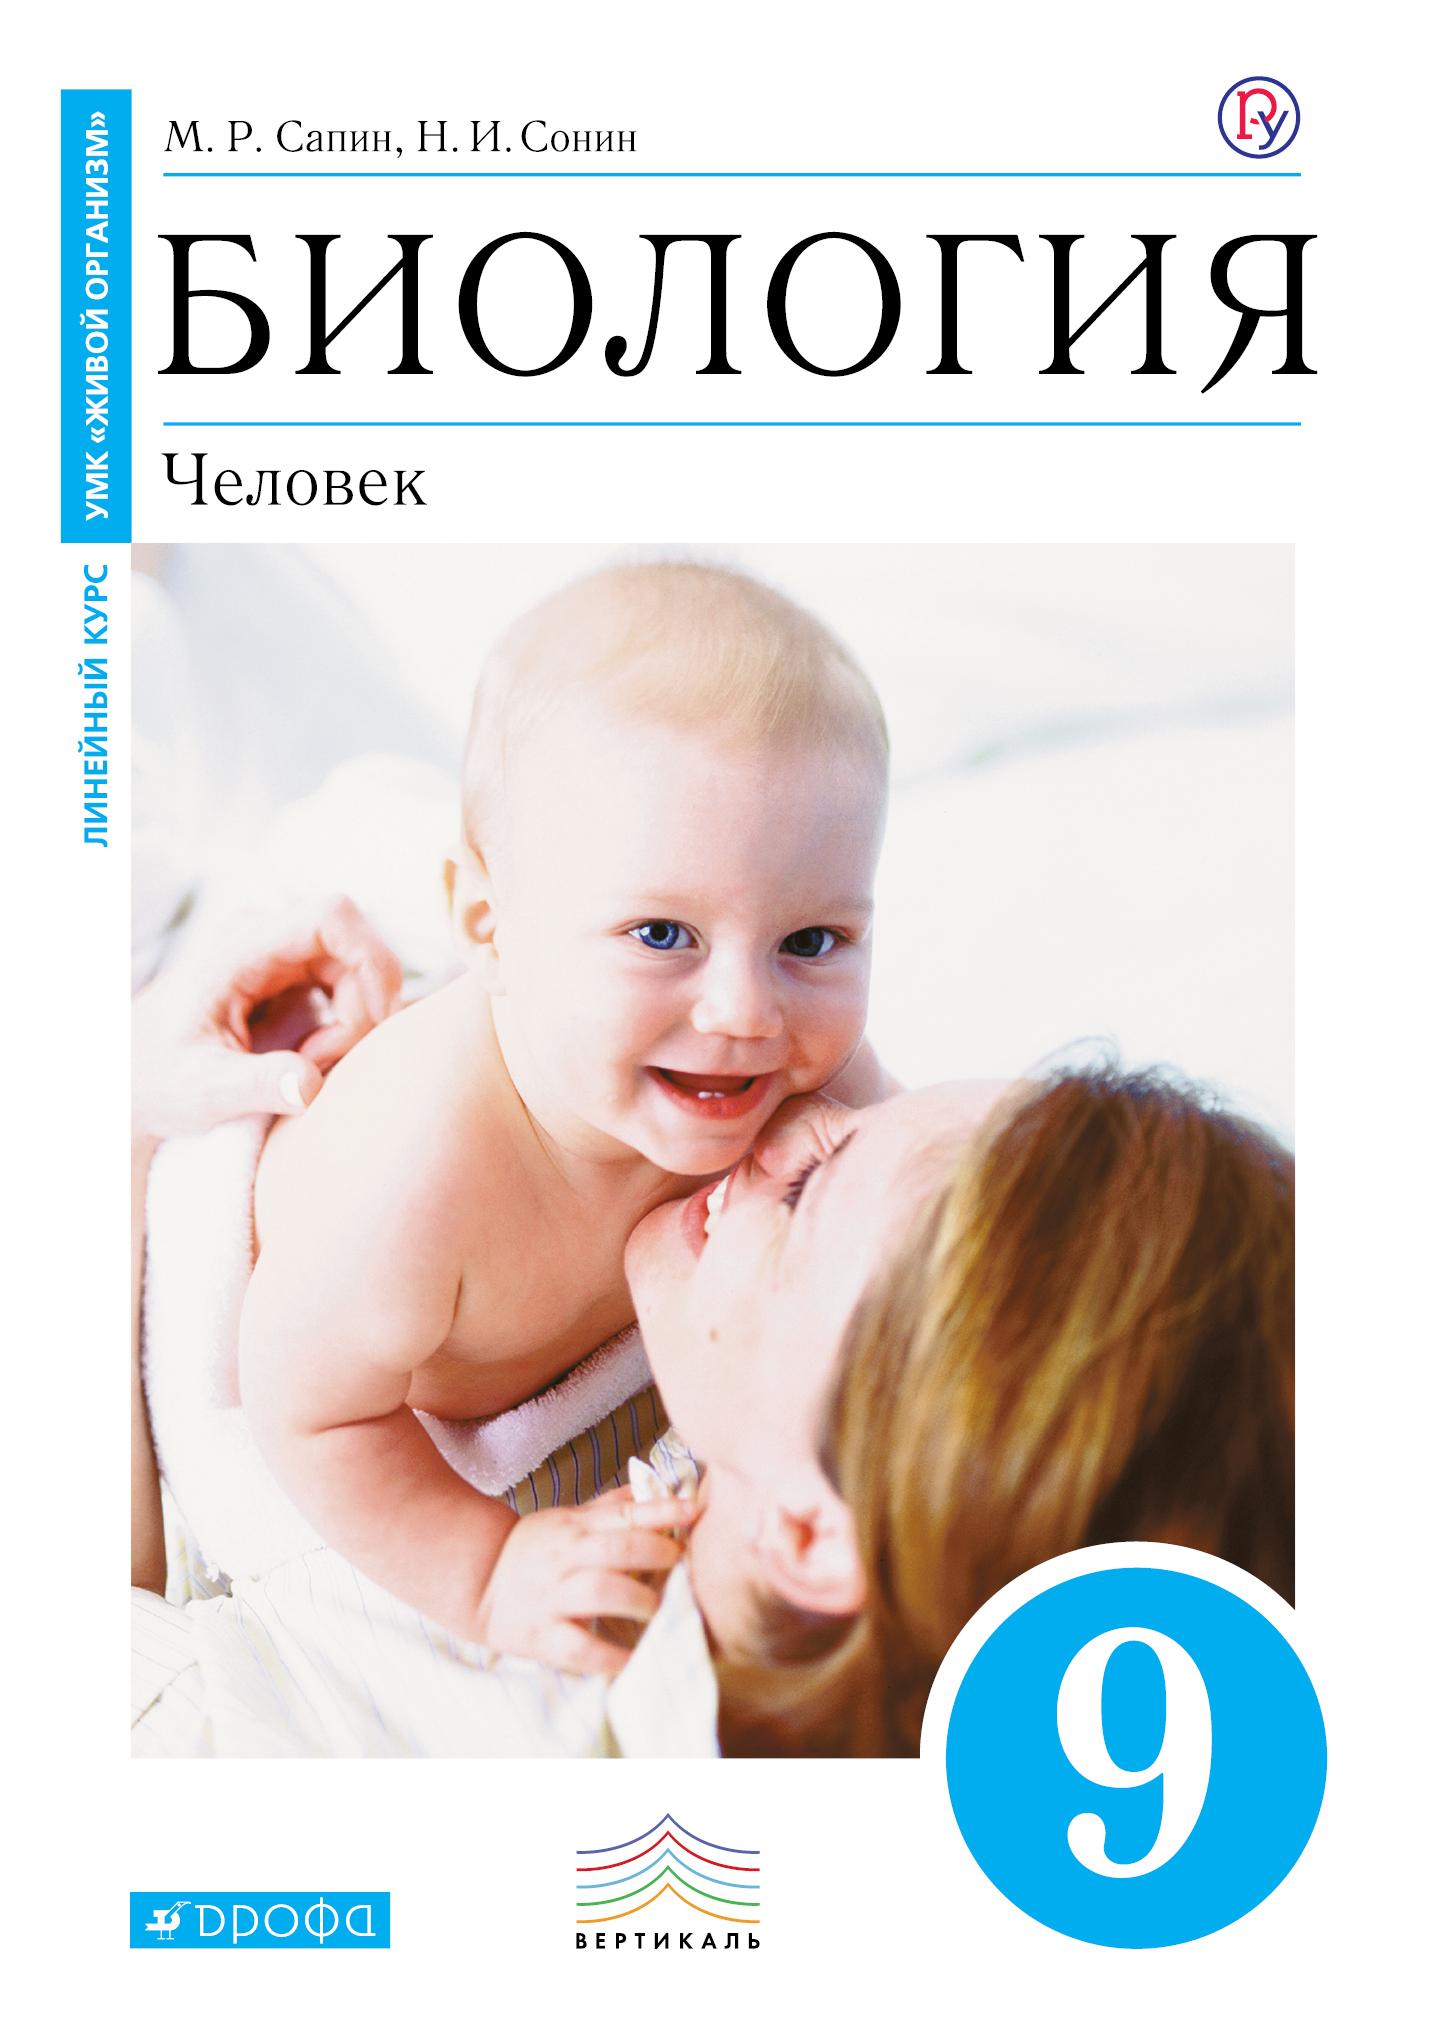 Сапин М.Р., Сивоглазов В.И. Биология. 9 класс. Человек. Учебник (Синий).